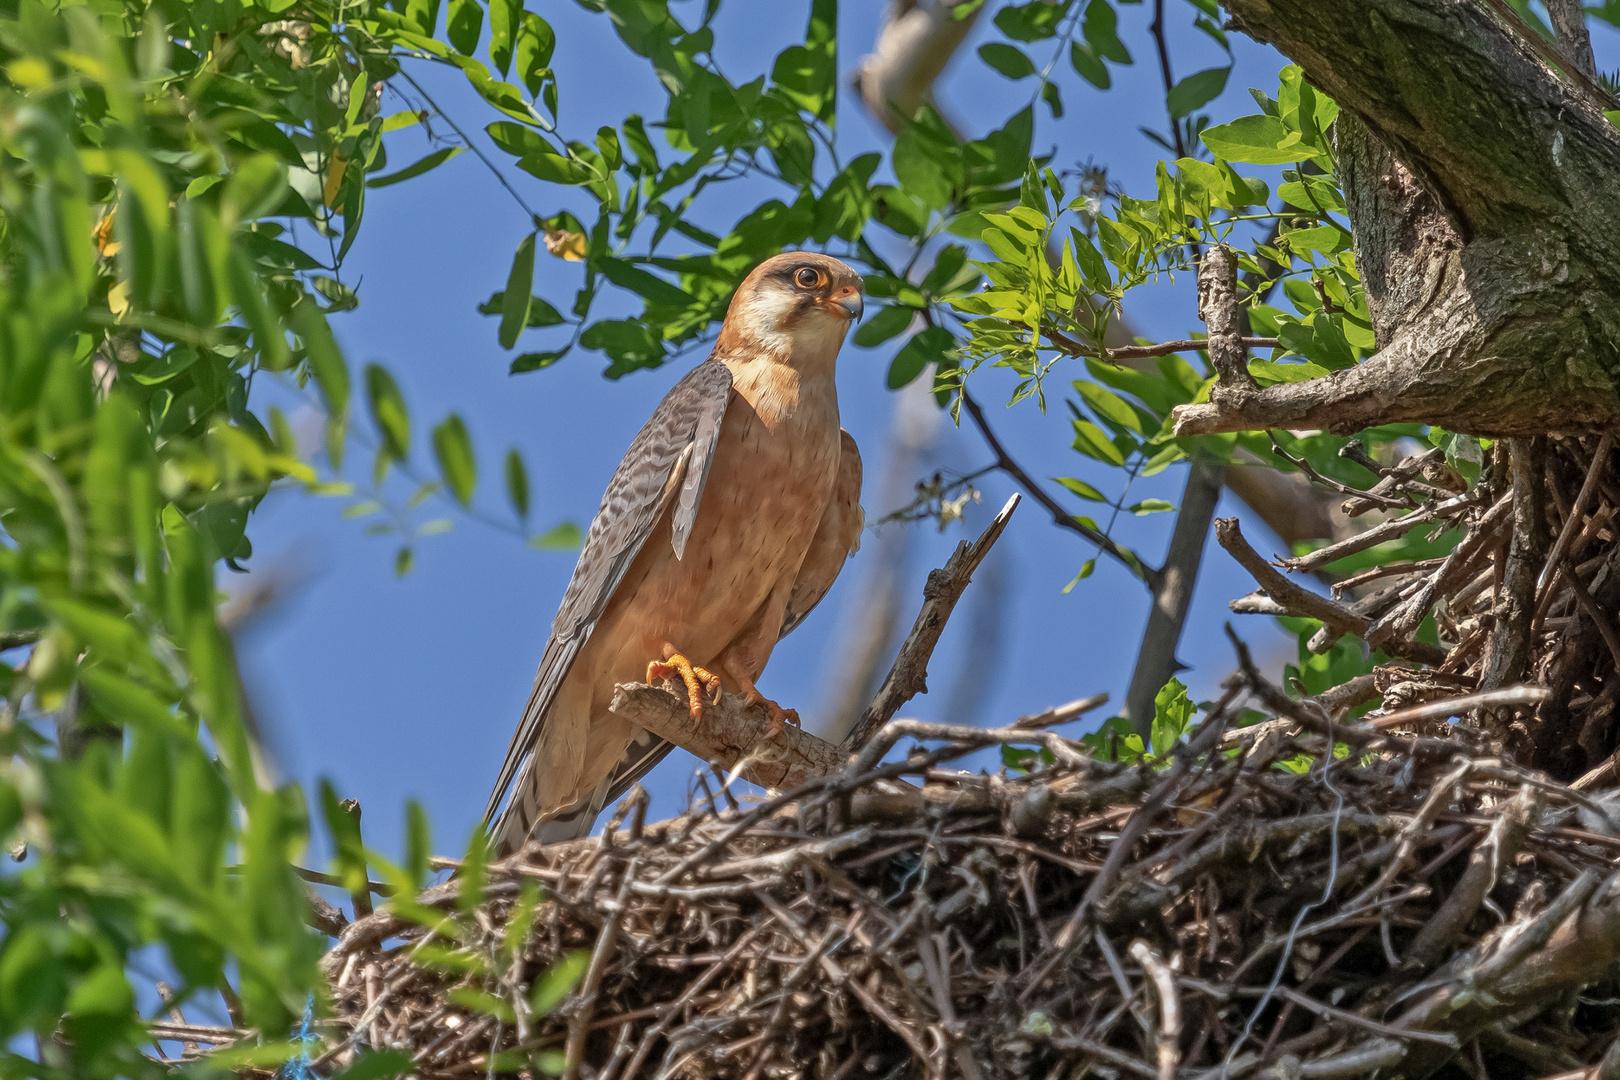 Rotfußfalke am Nest